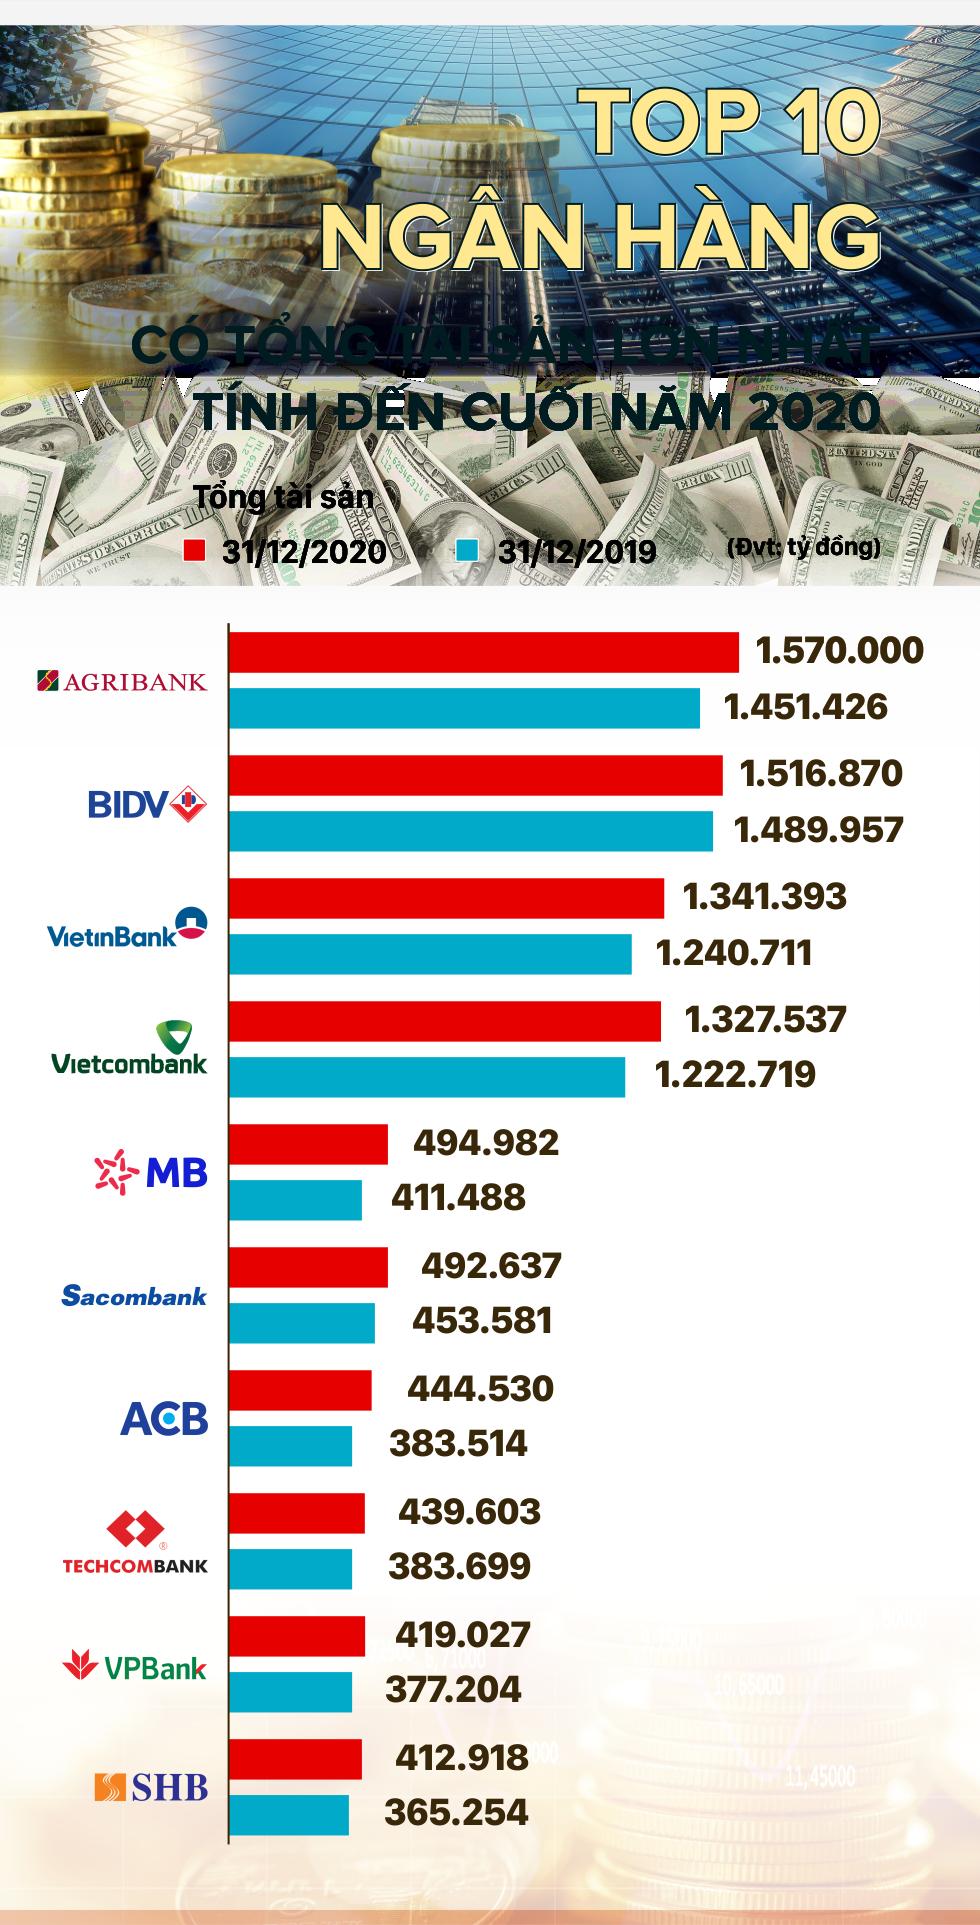 TOP 10 ngân hàng có tổng tài sản lớn nhất năm 2020 - Ảnh 1.